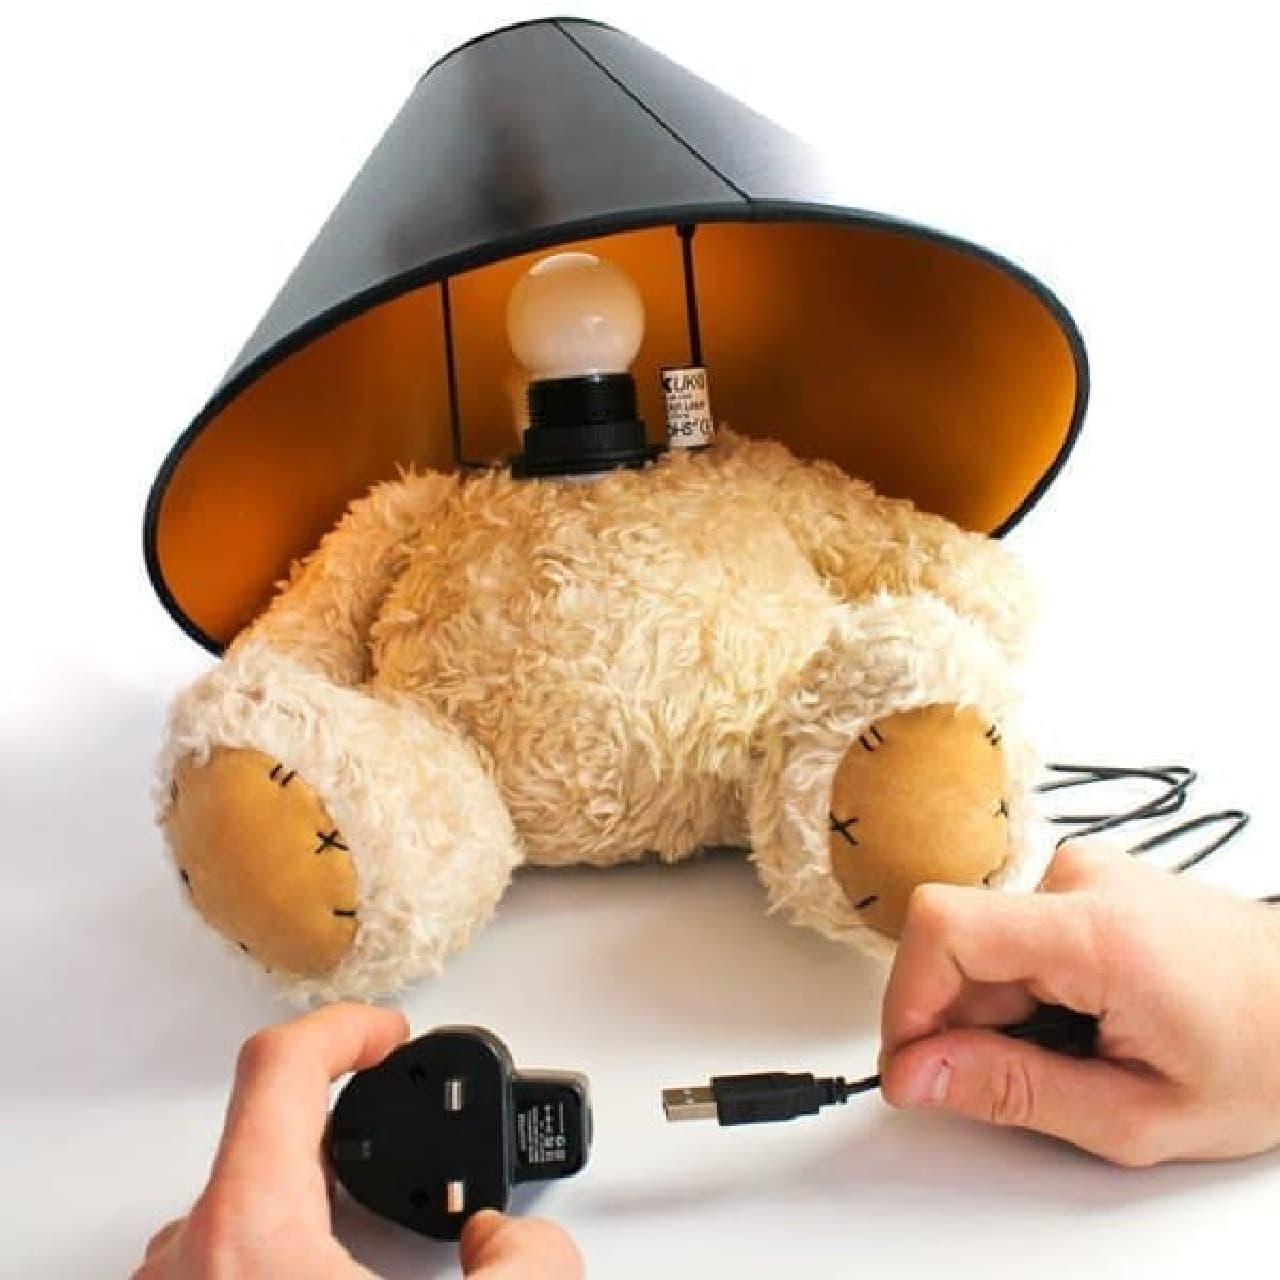 USB 給電なら、会社のデスクにもおけますね!  (絶対置かないけど…)